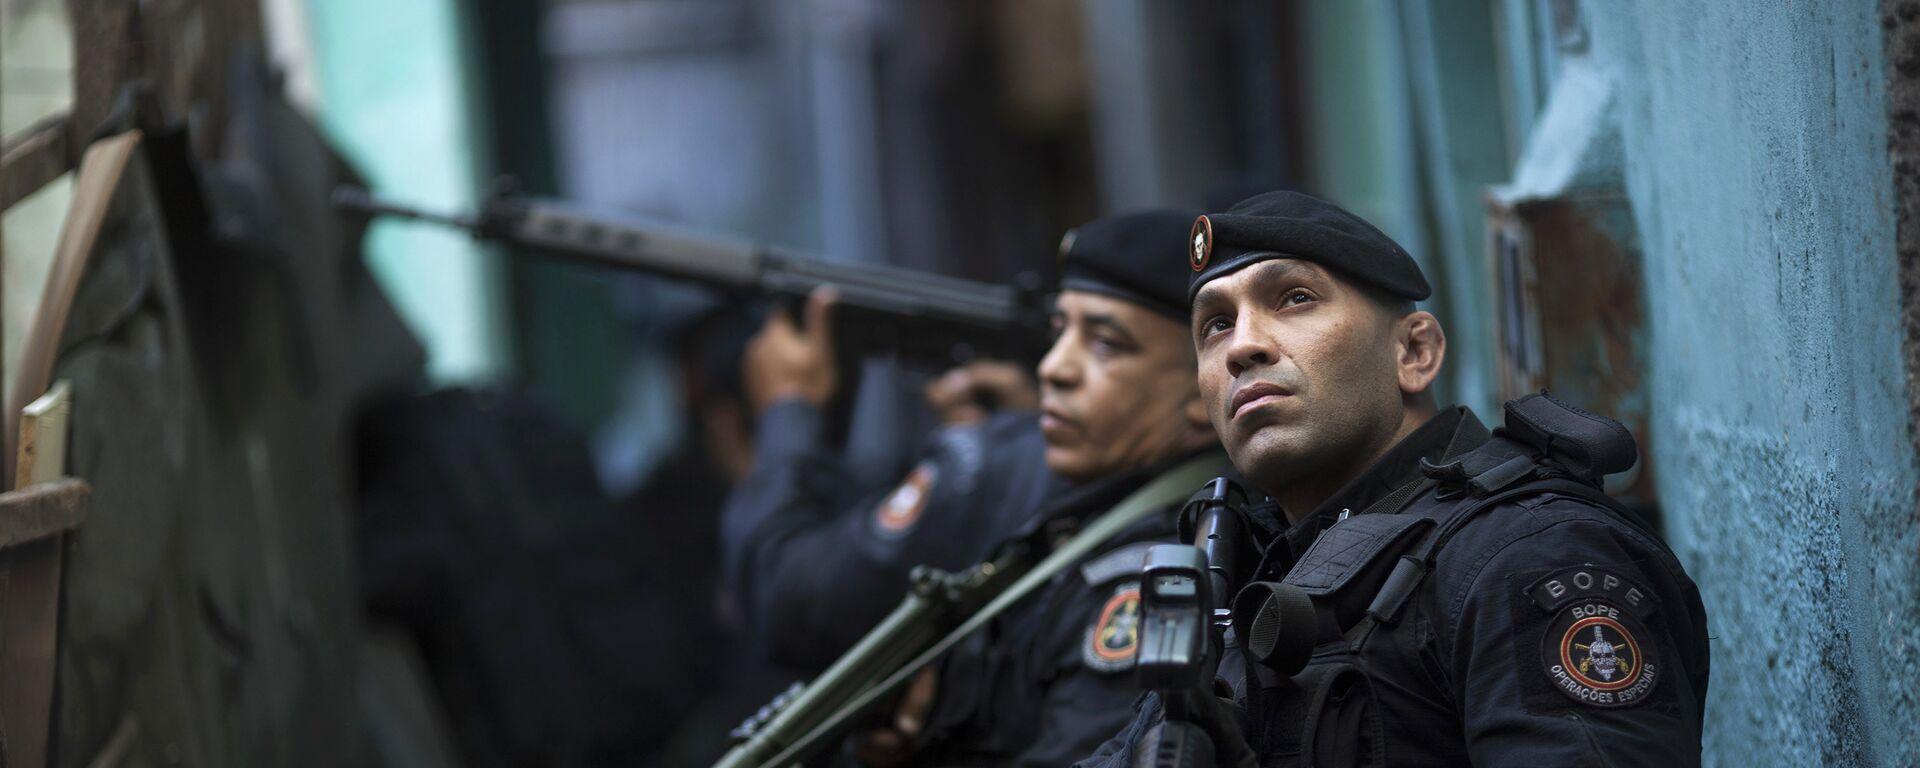 Policía de operaciones especiales de Brasil (archivo) - Sputnik Mundo, 1920, 01.09.2020